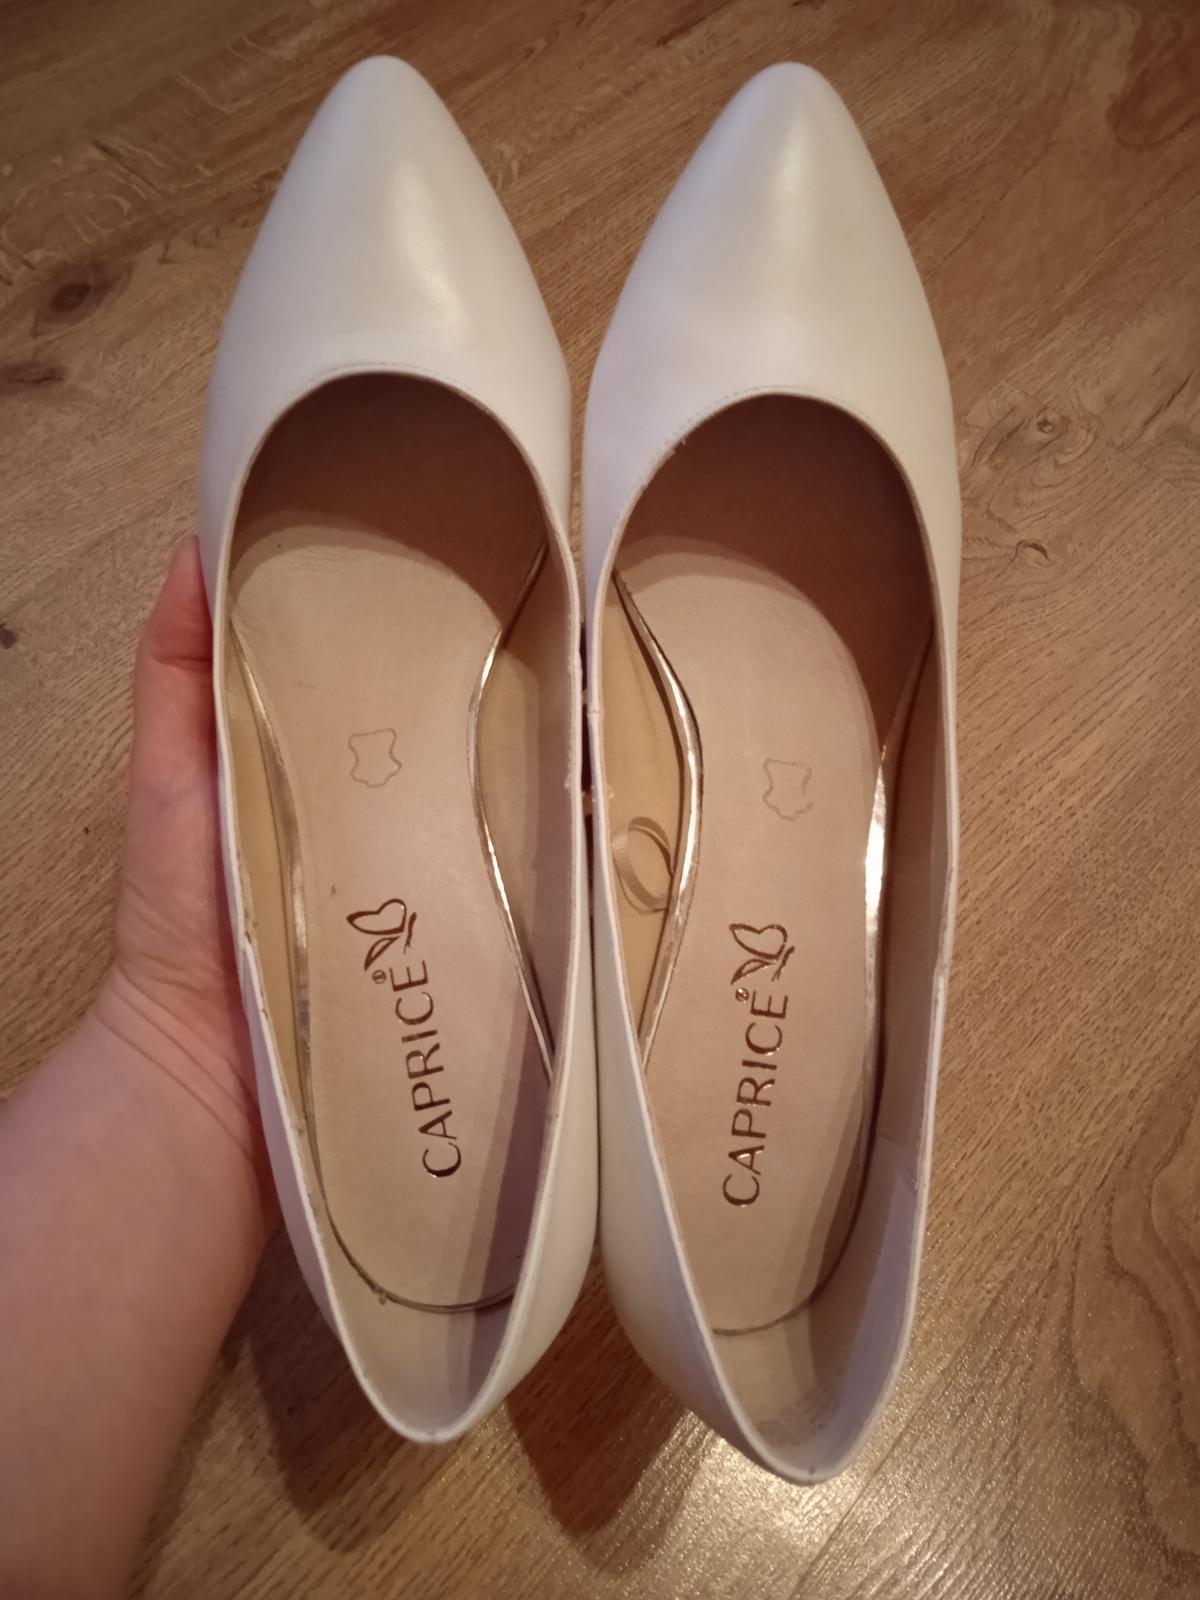 Nové bílé svatební boty Caprice s podpatkem 5,5 cm, vel.39, kvalitní - Obrázek č. 3